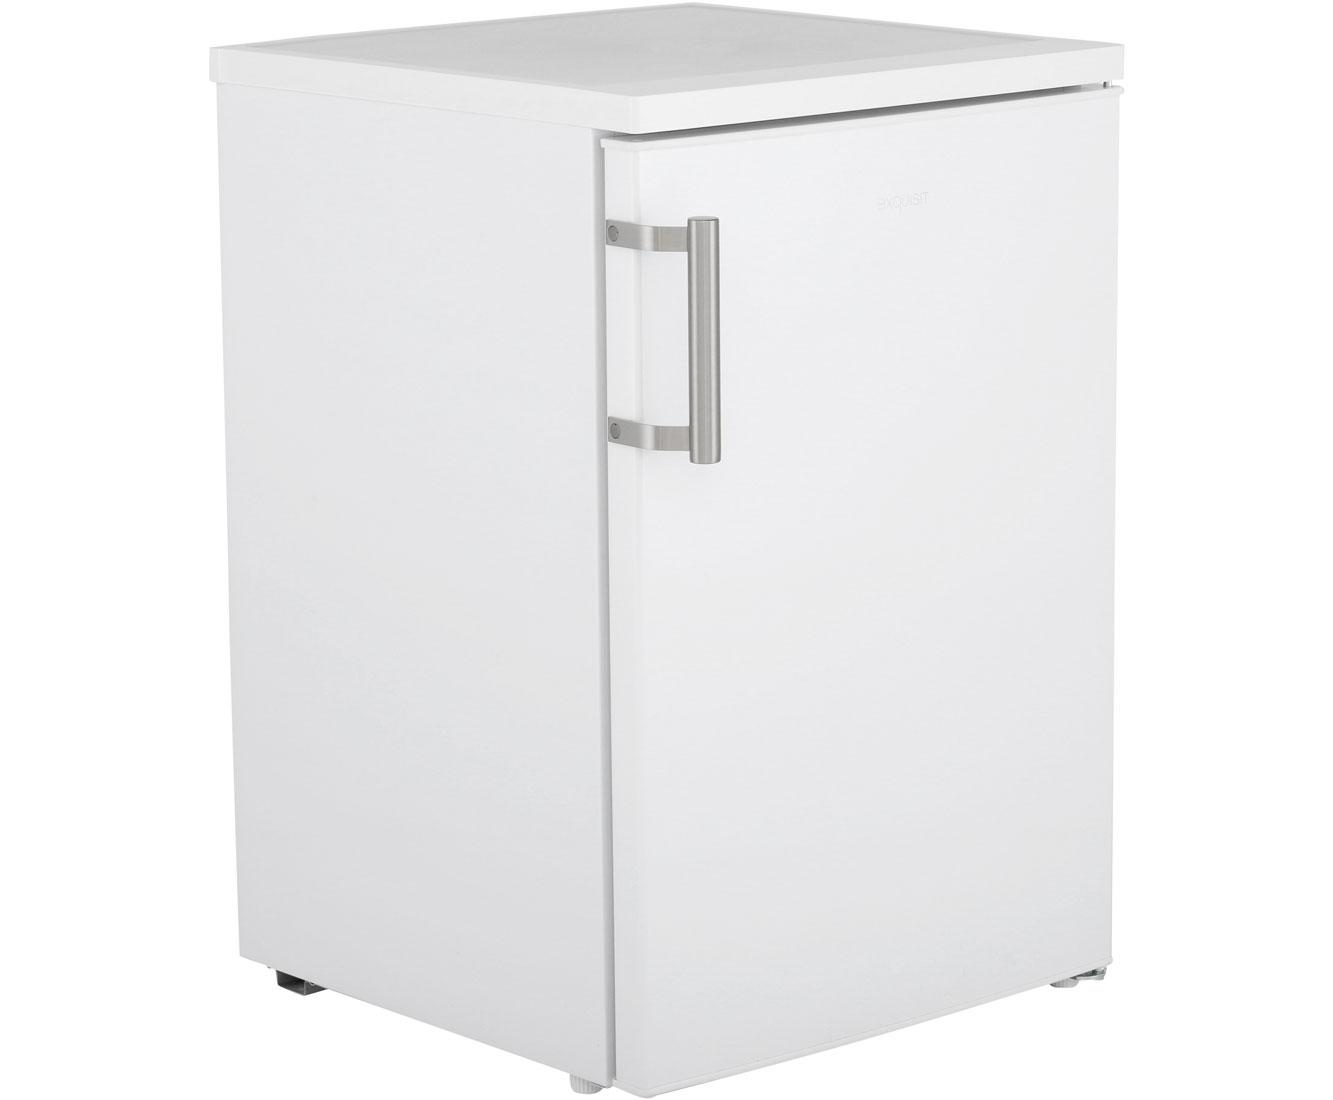 Smeg Kühlschrank Laut : Smeg kühlschrank macht geräusche gorenje rb 60299 ox l kühlschrank